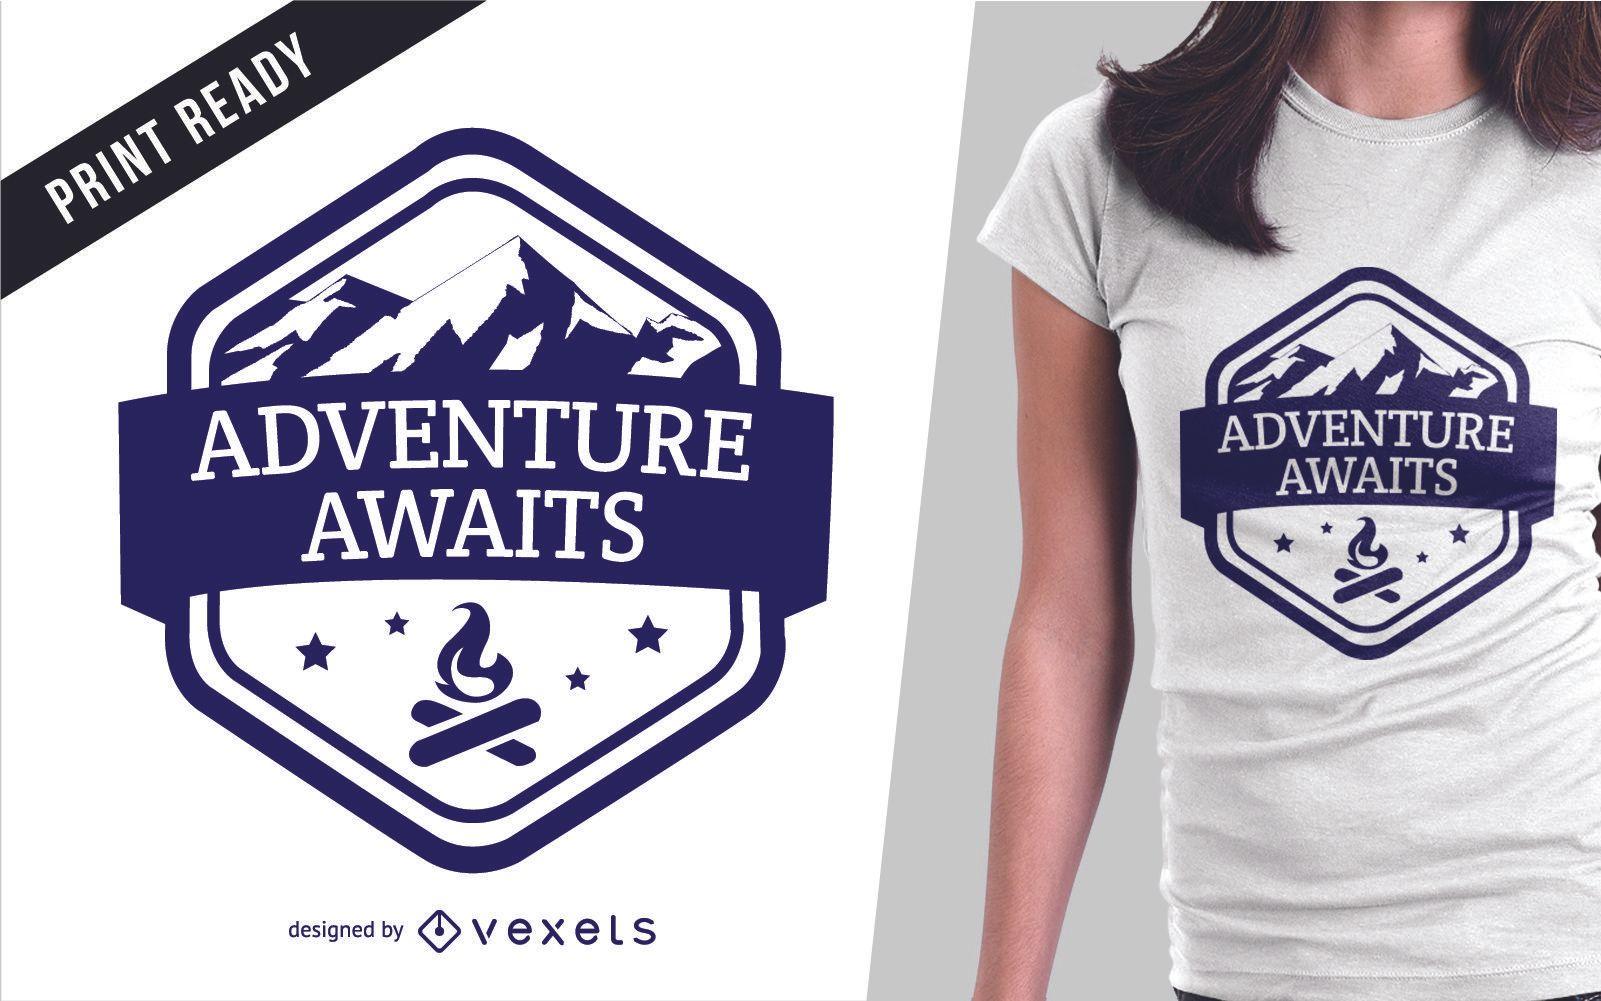 94c8ec62 Adventure illustration t-shirt design. Download Large Image 1601x1001px.  license image; user